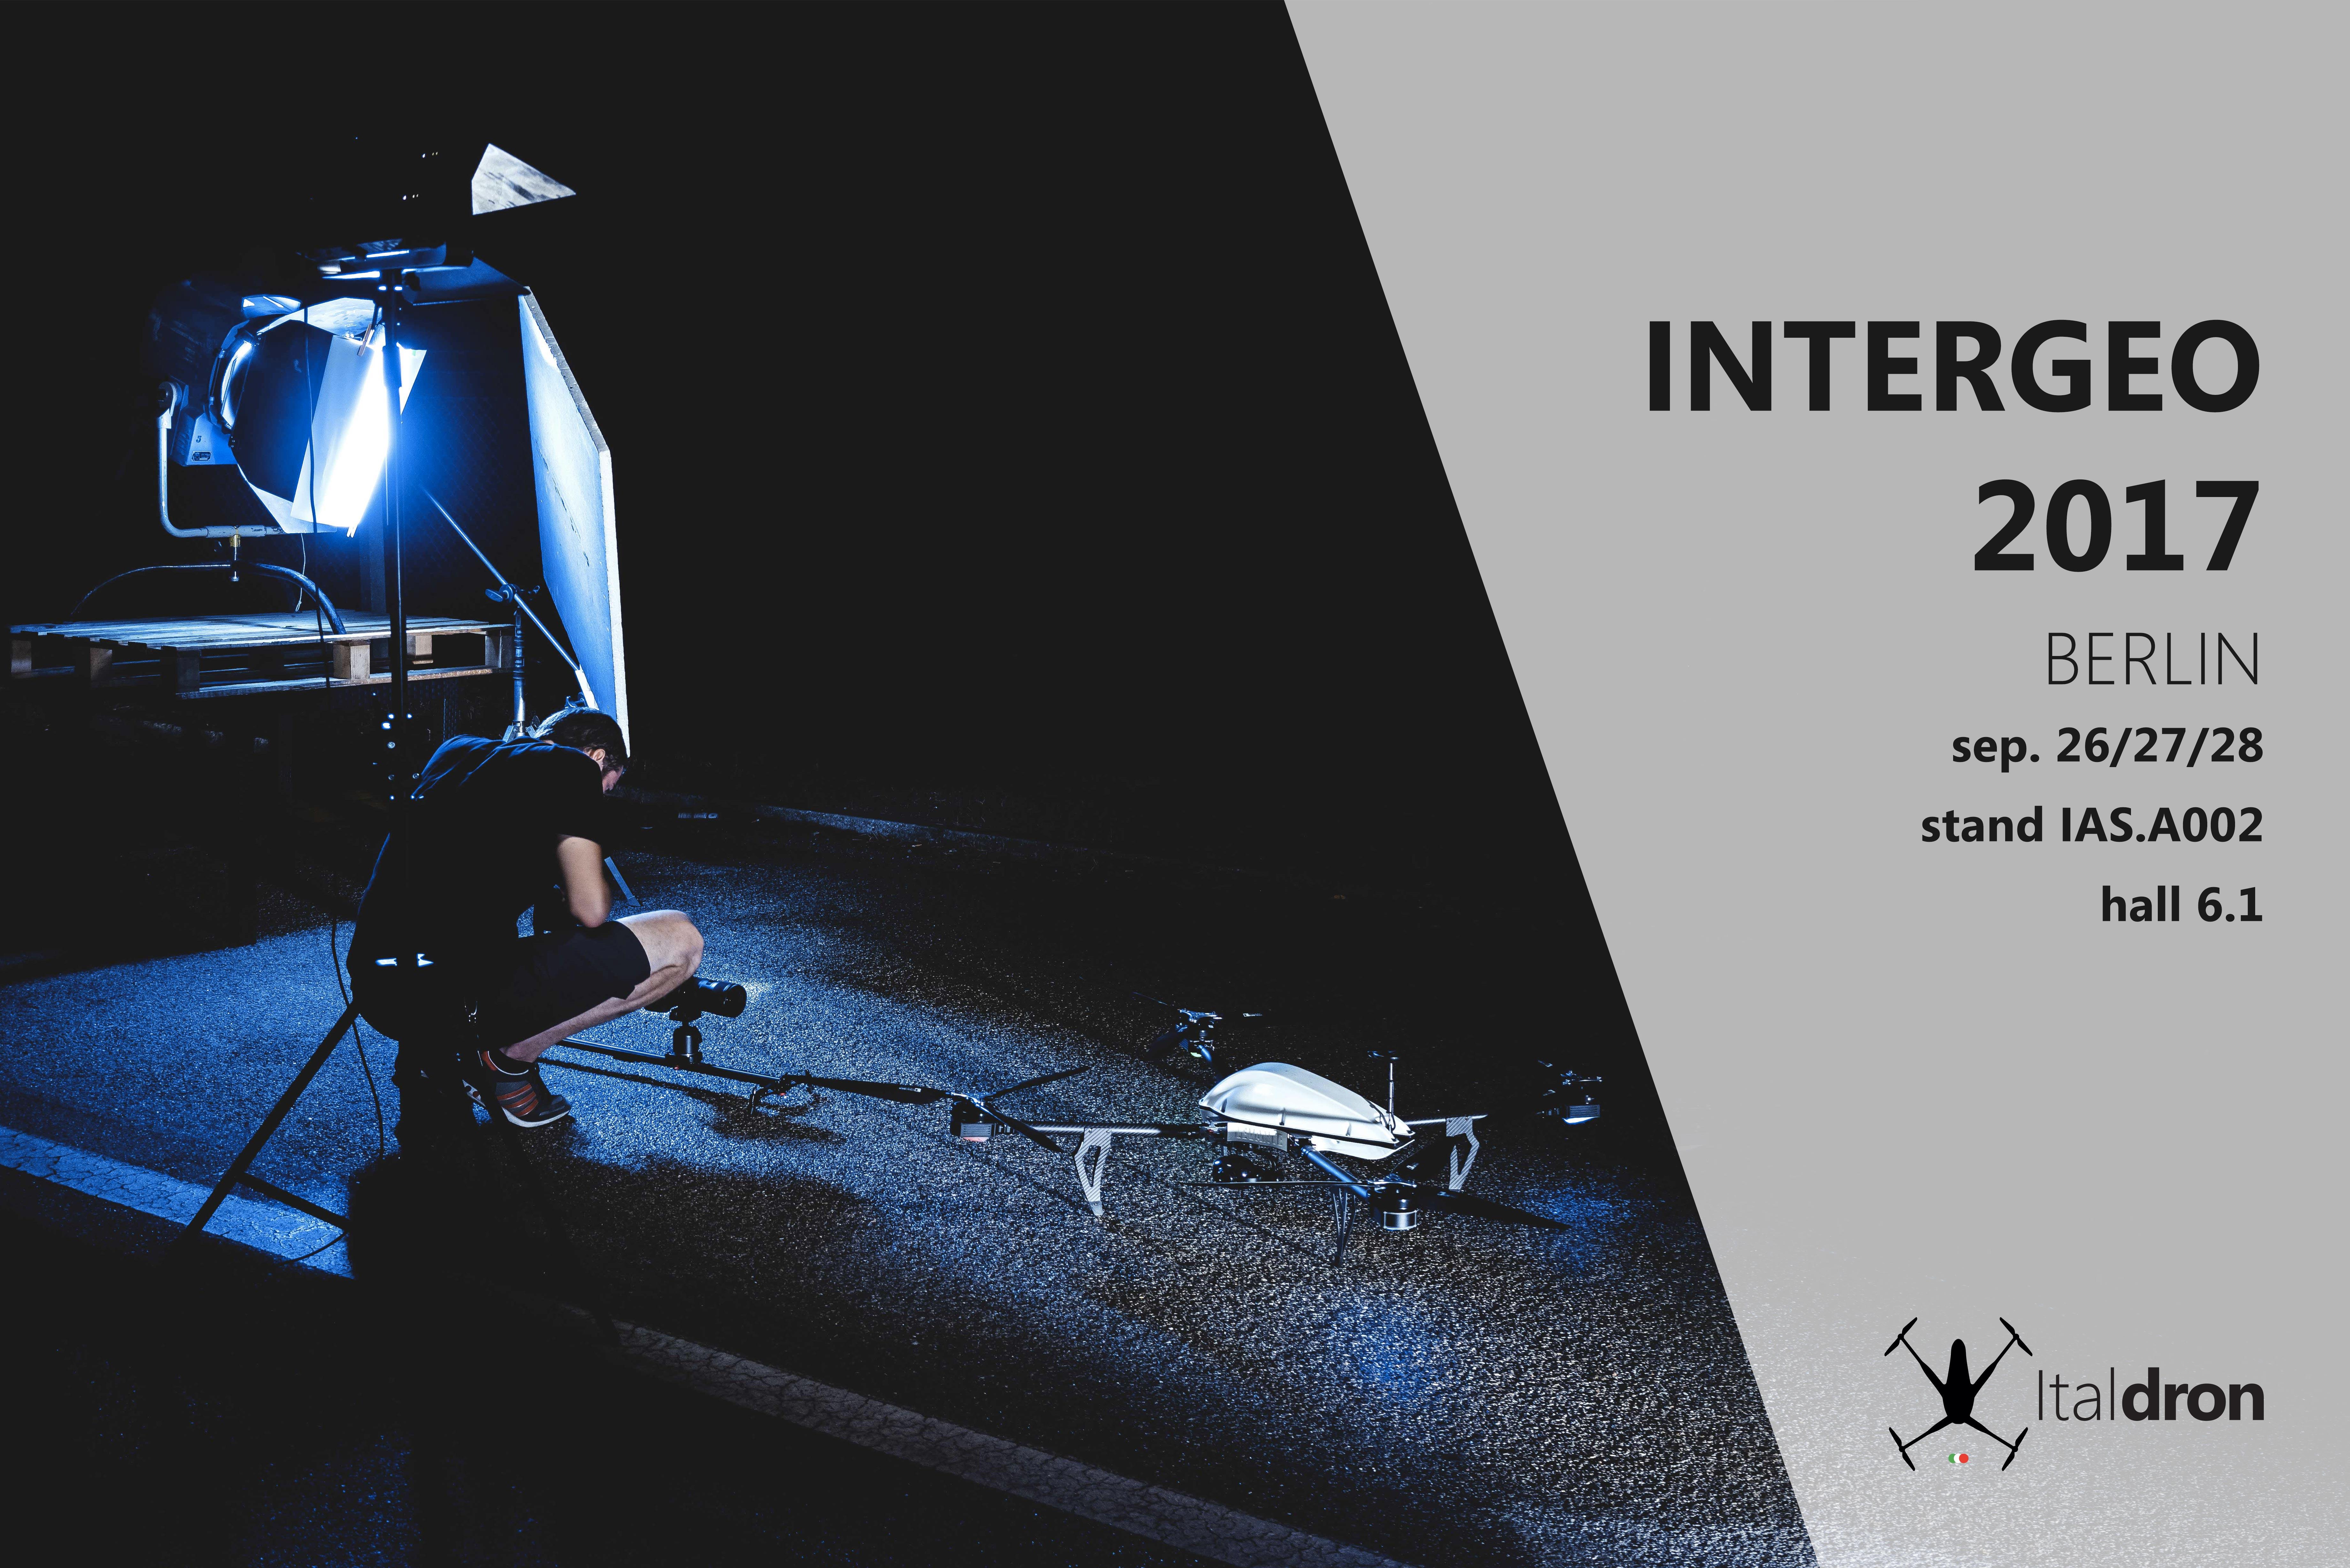 Italdron a Berlino per INTERGEO · 26/27/28 settembre 2017